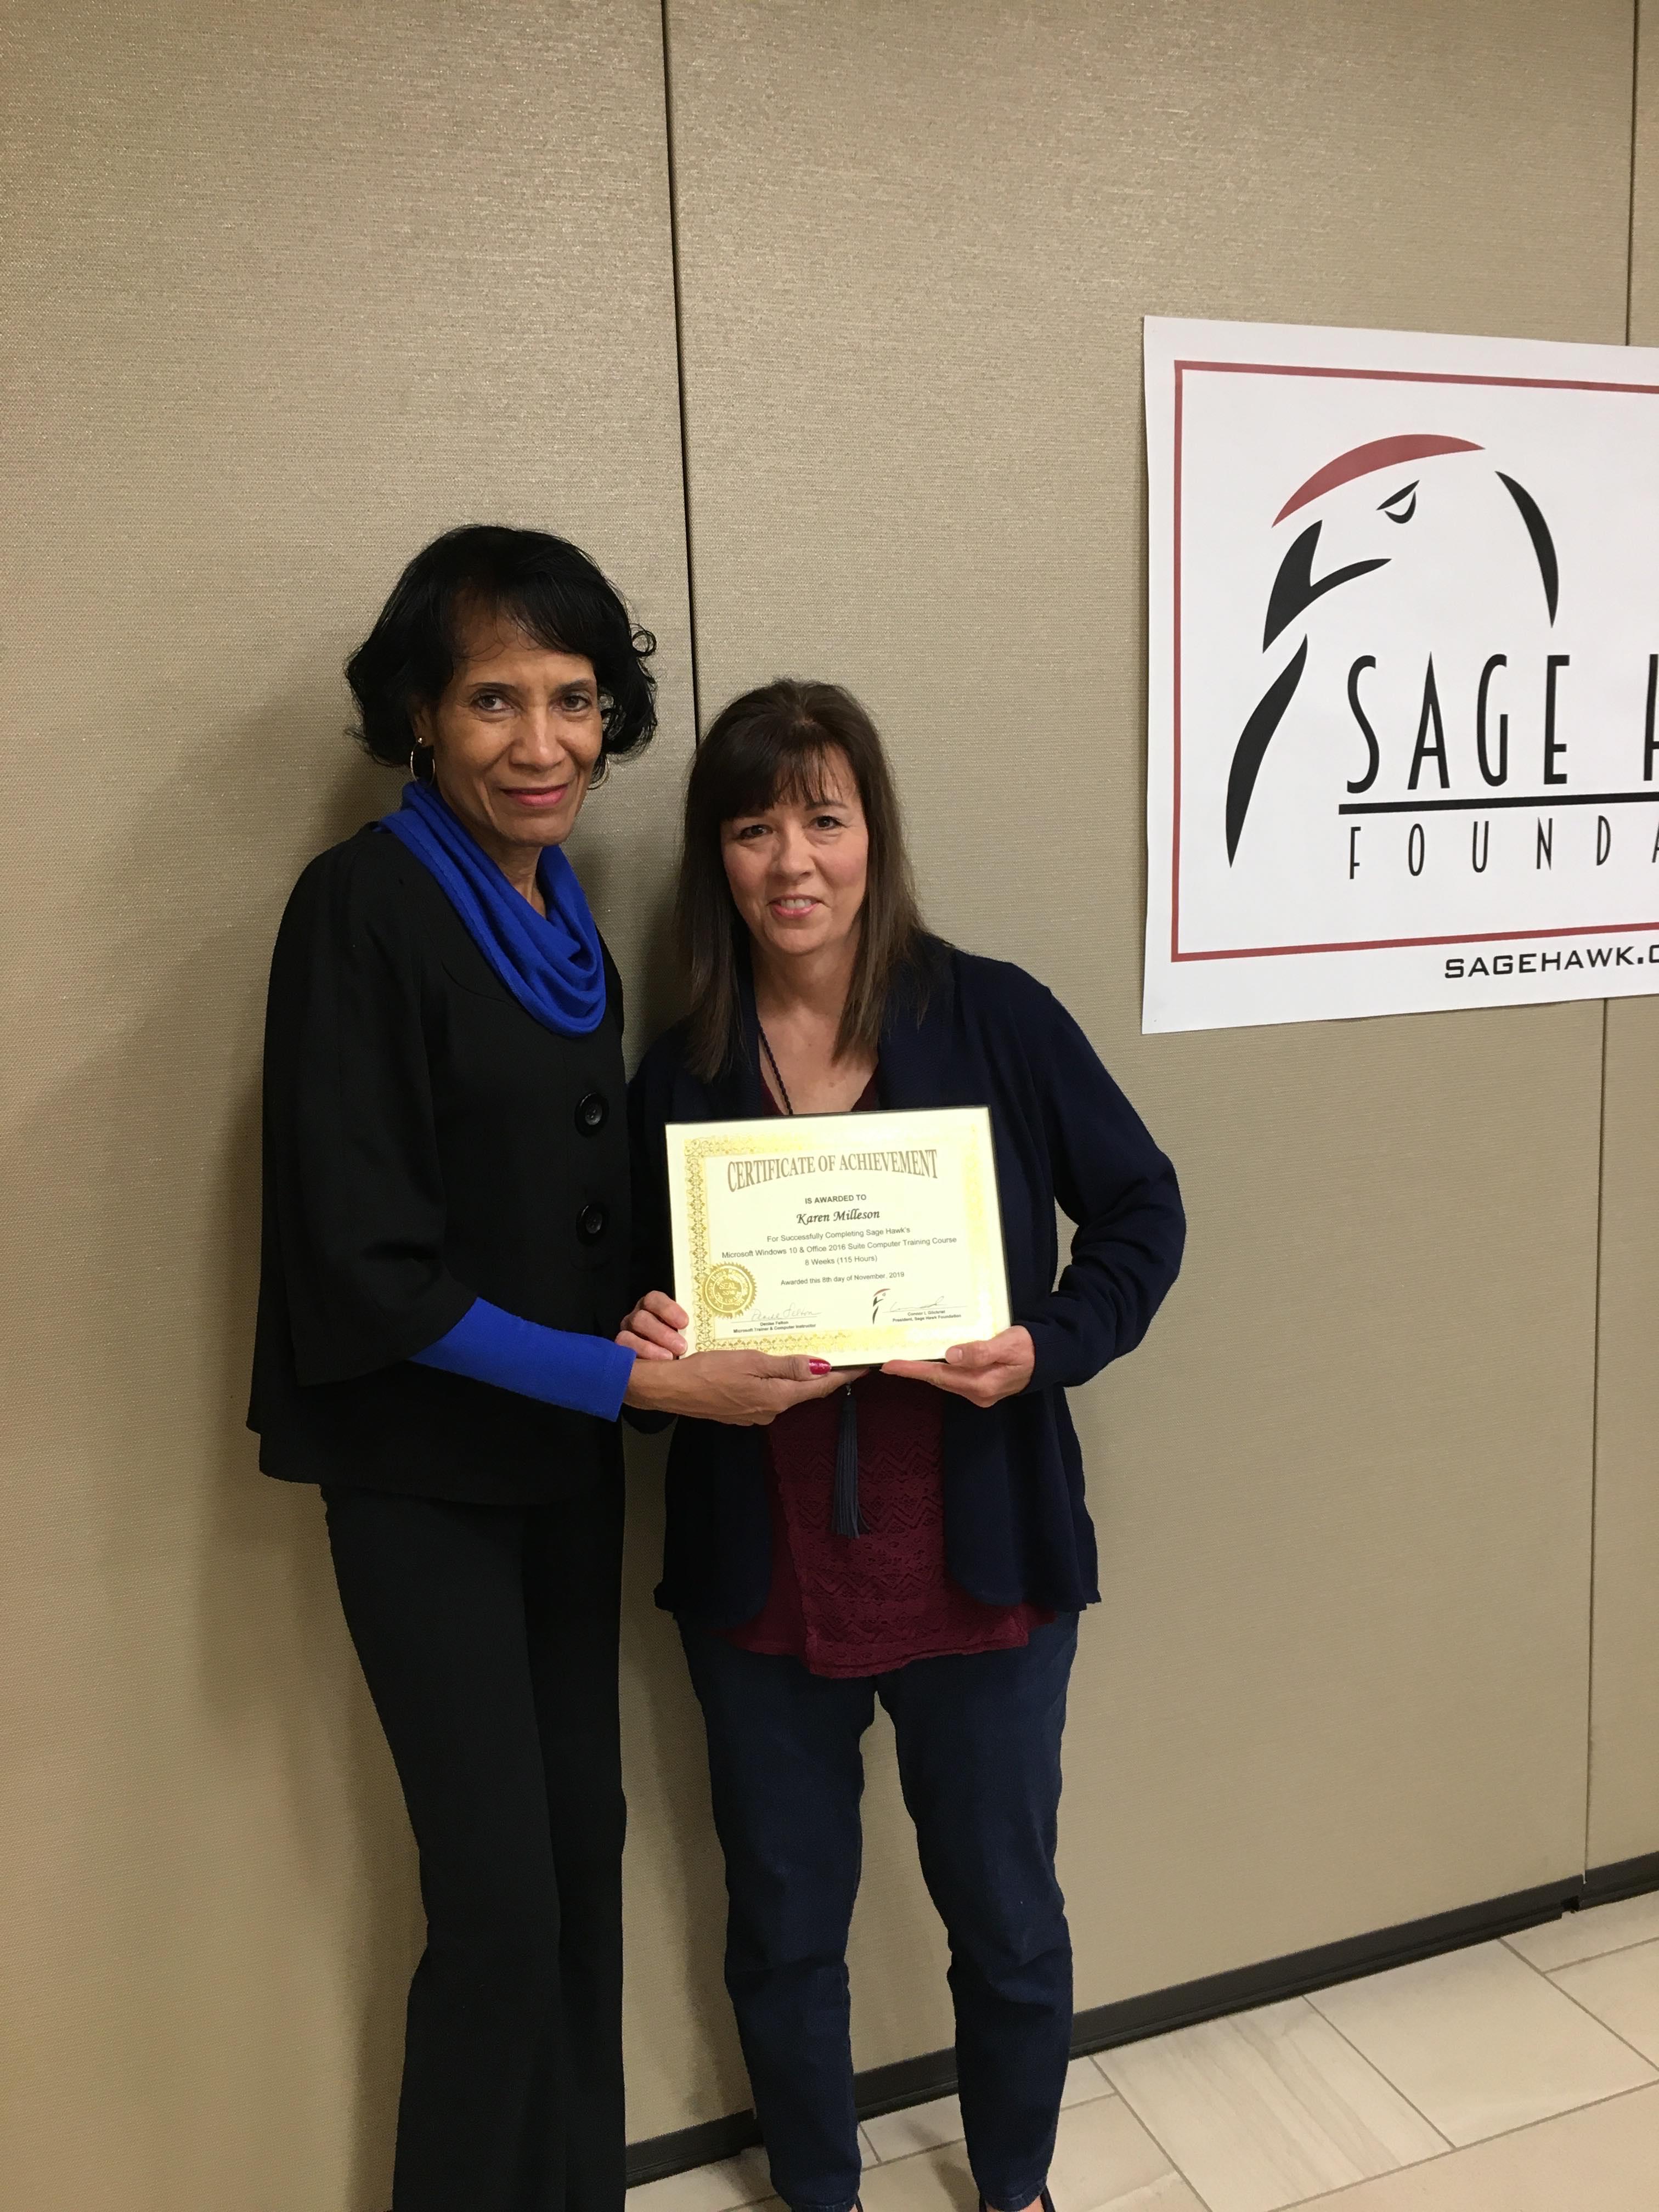 Karen Milleson's Certificate